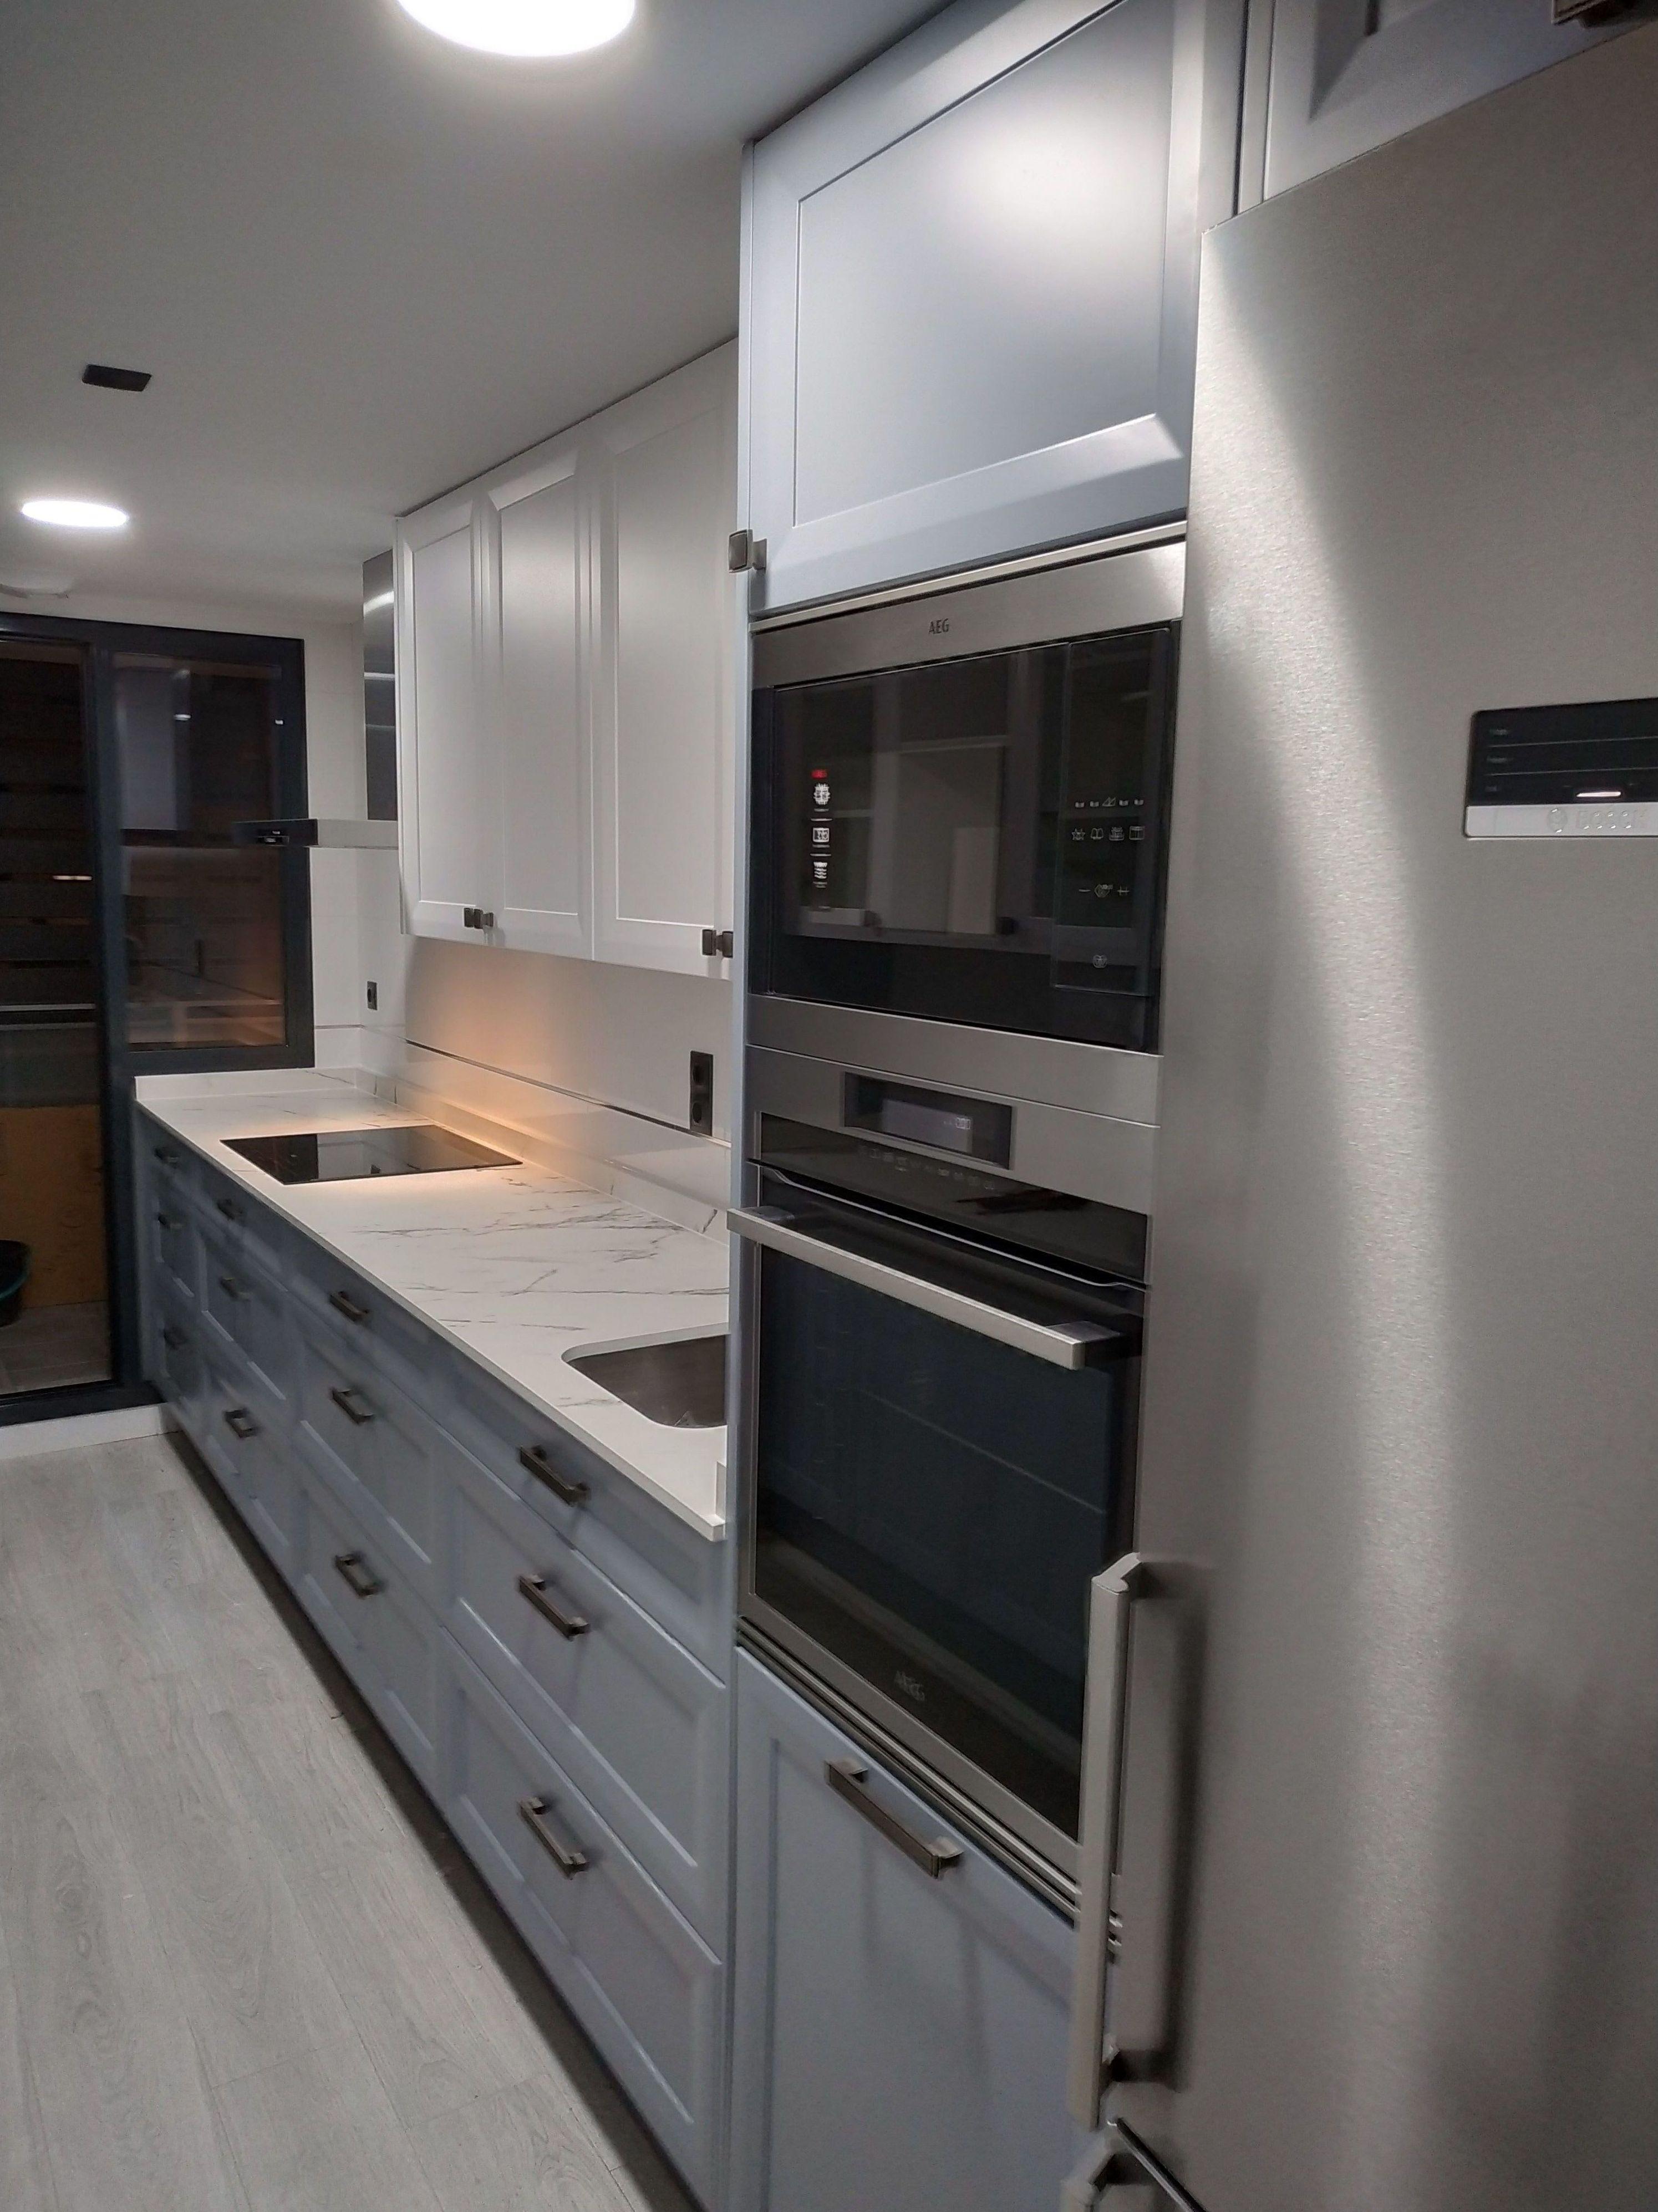 Muebles de cocina económicos Madrid